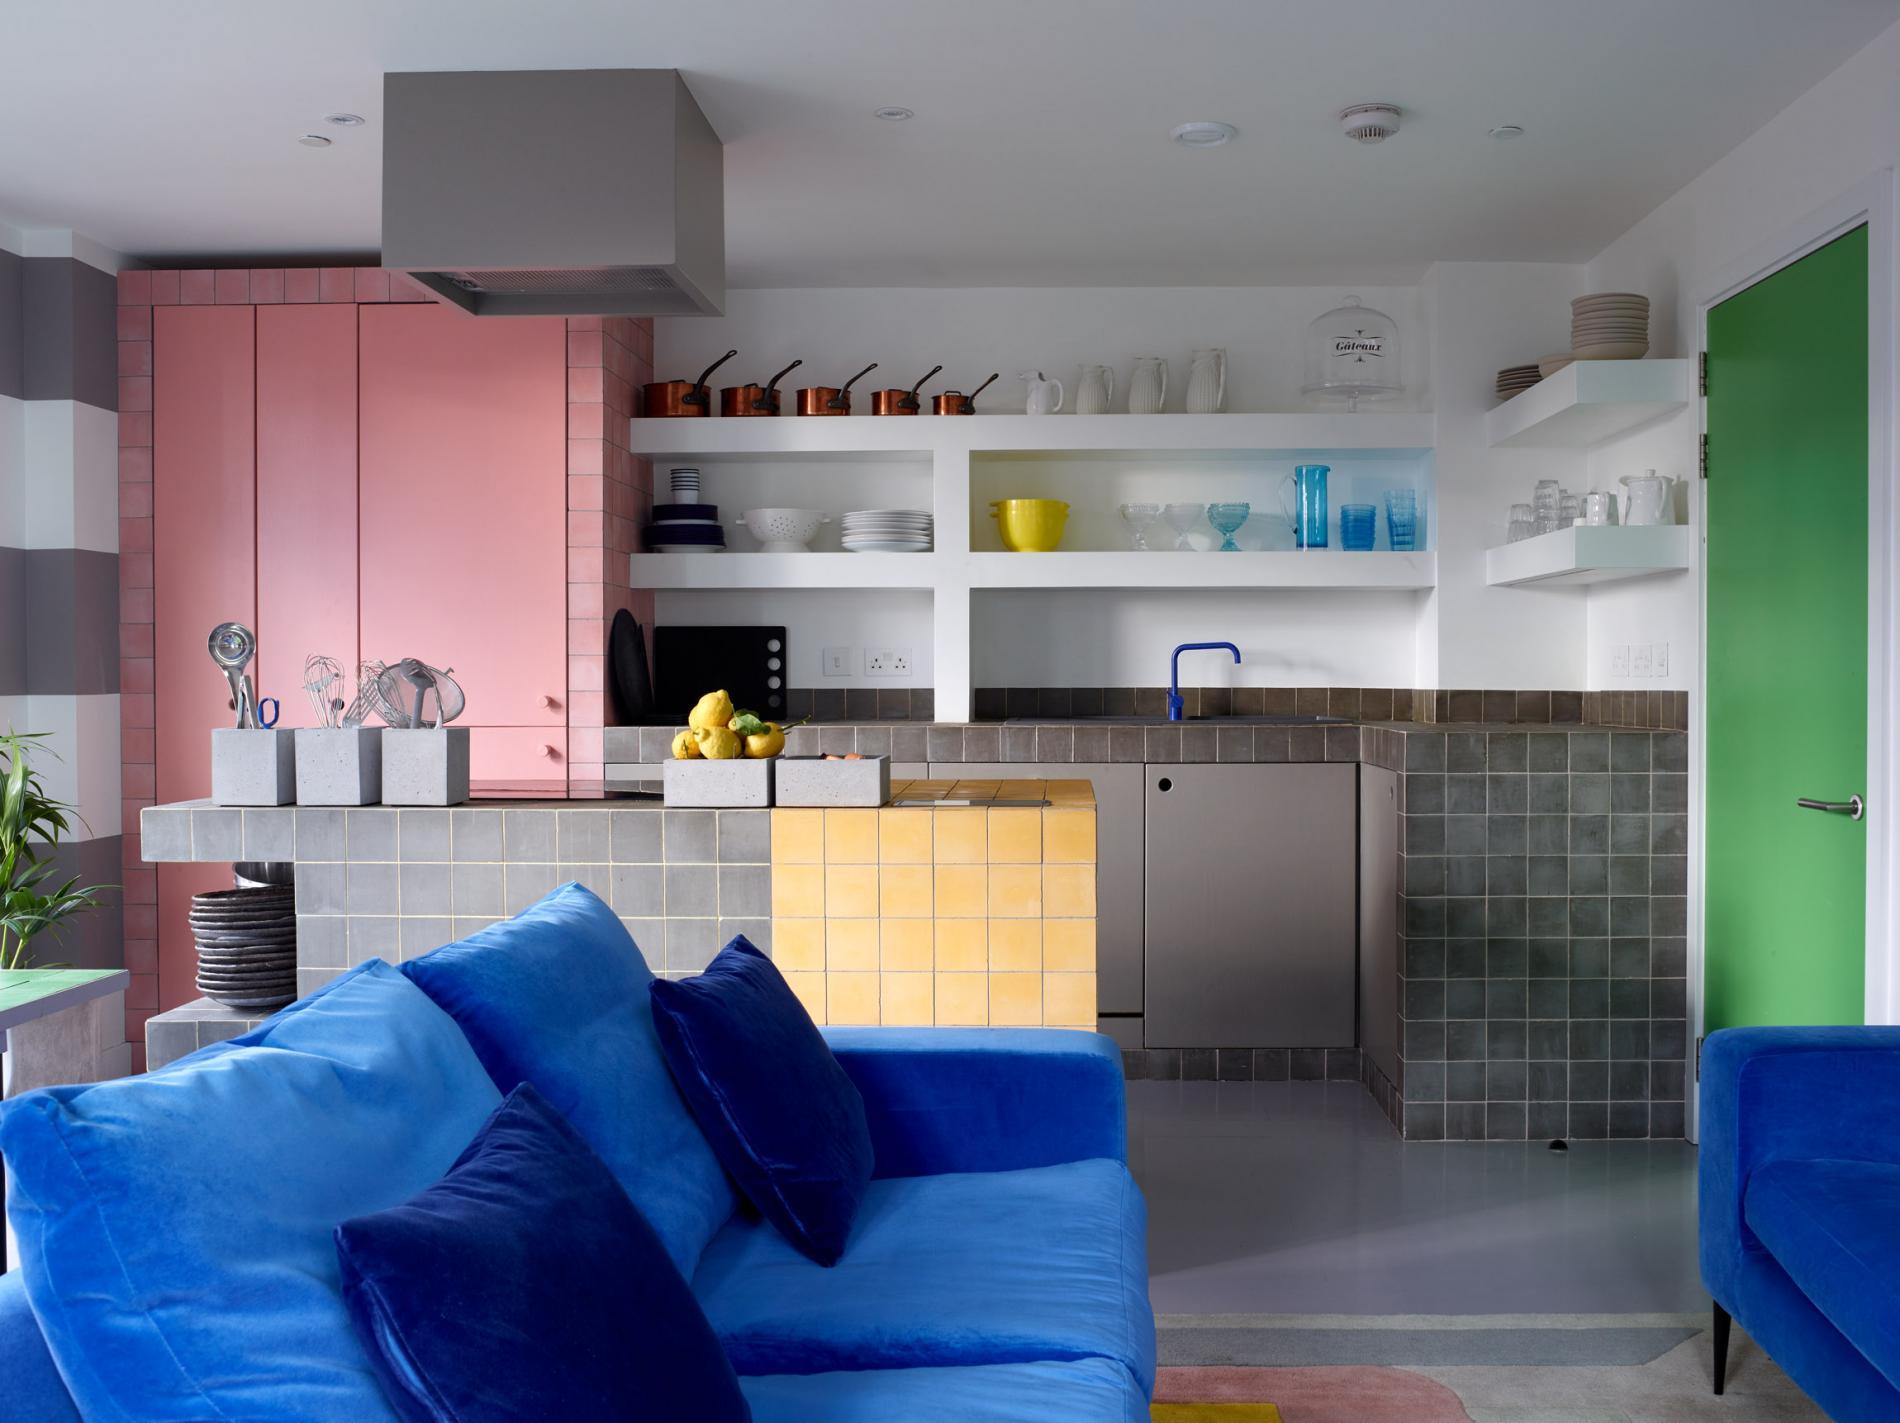 rachael-smith-interiors-14122019-086-1